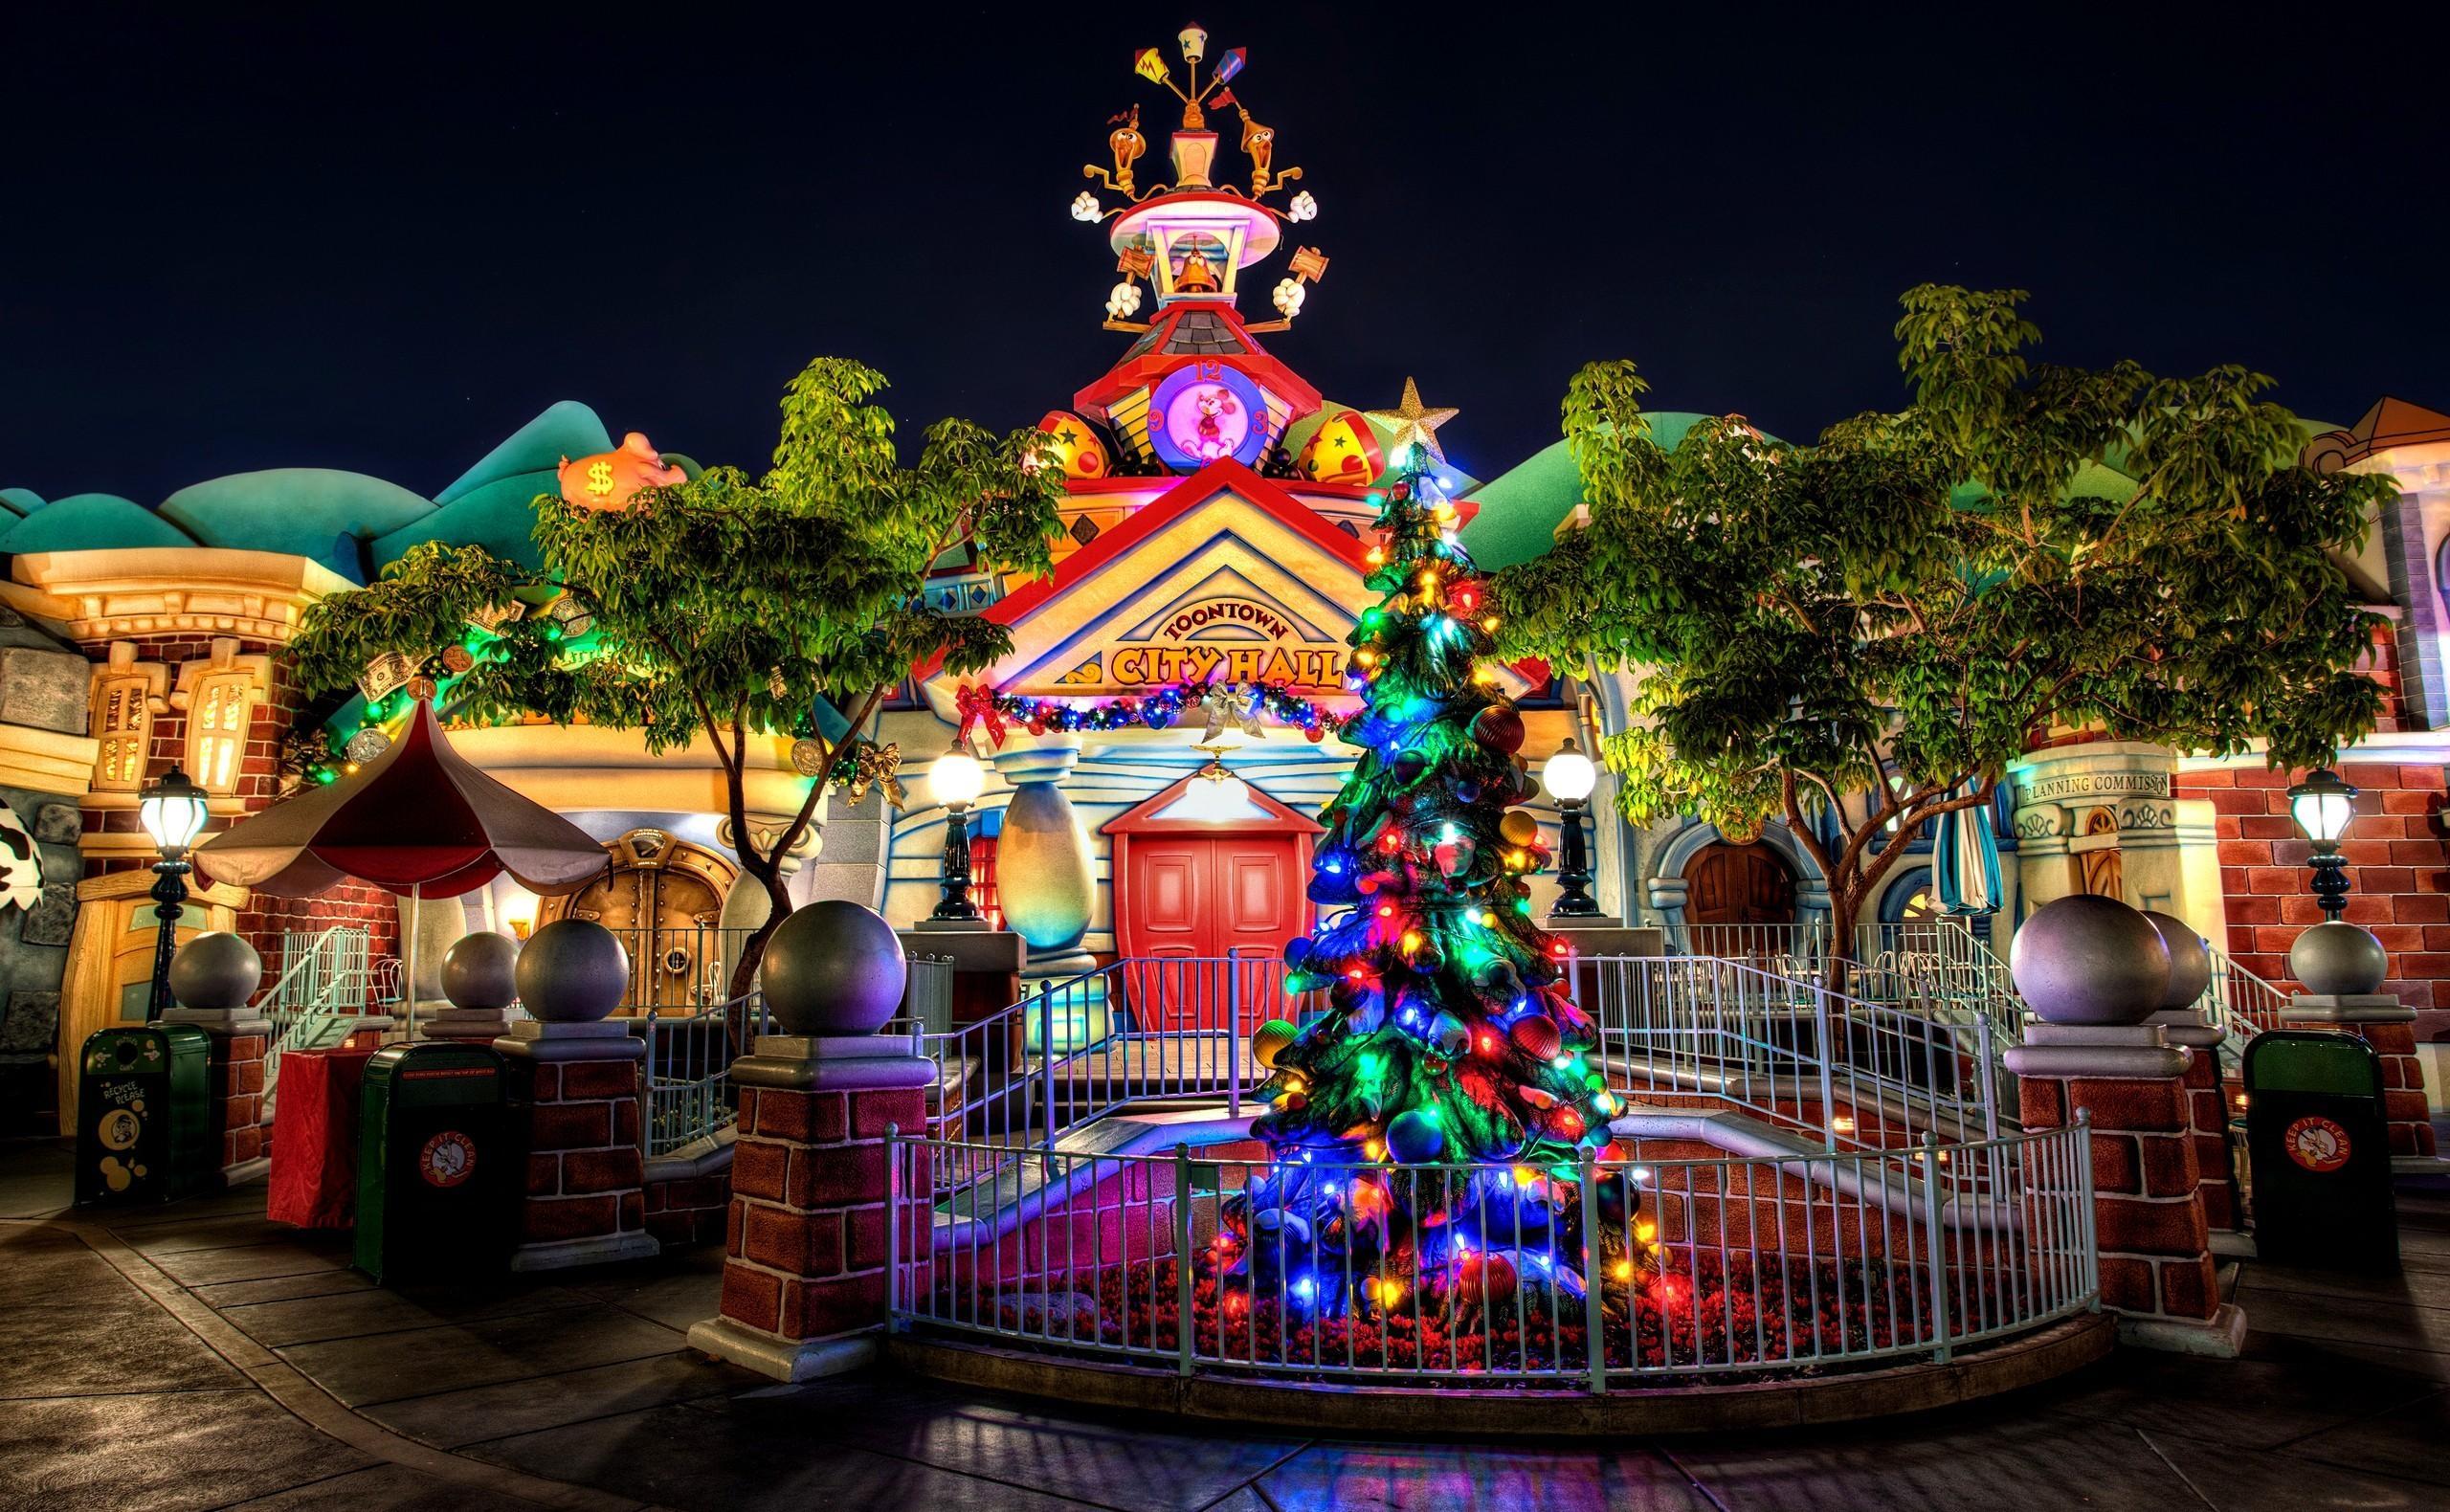 手機的136661屏保和壁紙卡通。 免費下載 假期, 圣诞树, 花环, 建造, 建筑, 入口, 登录, 假日, 圣诞节, 动画片, 卡通 圖片